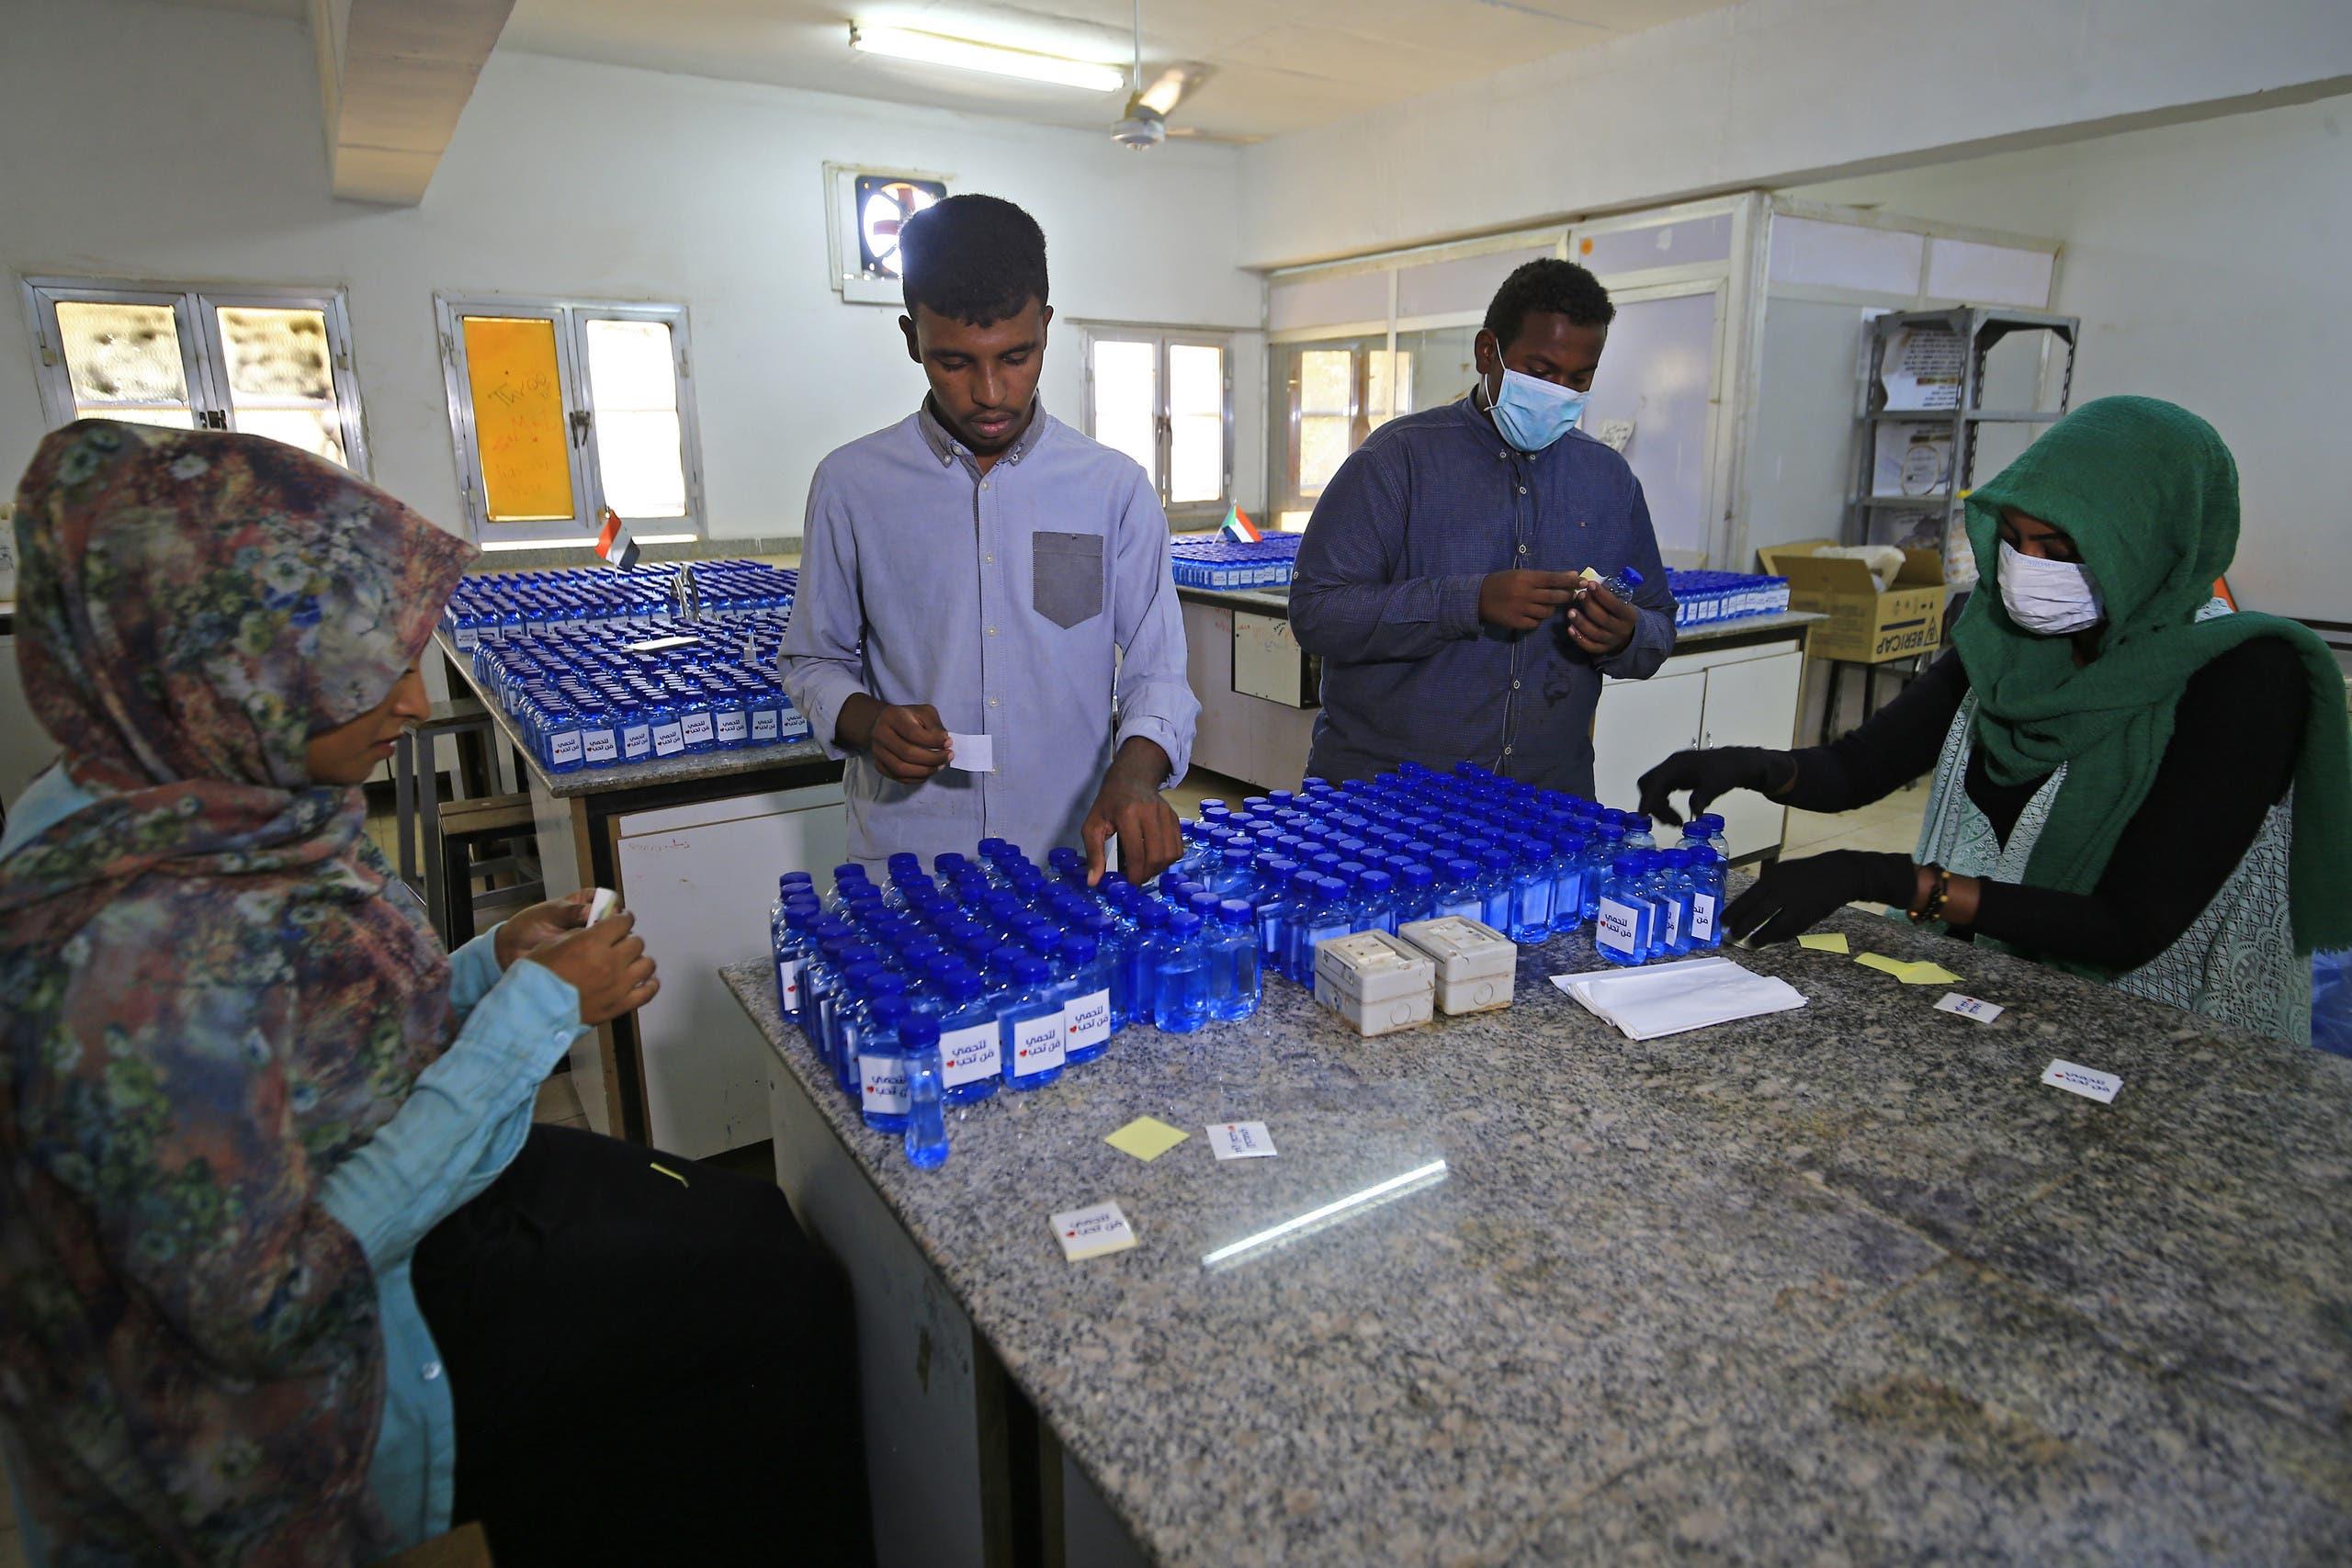 طلاب جامعيون في الخرطوم يحضّرون المعقمات في المختبر